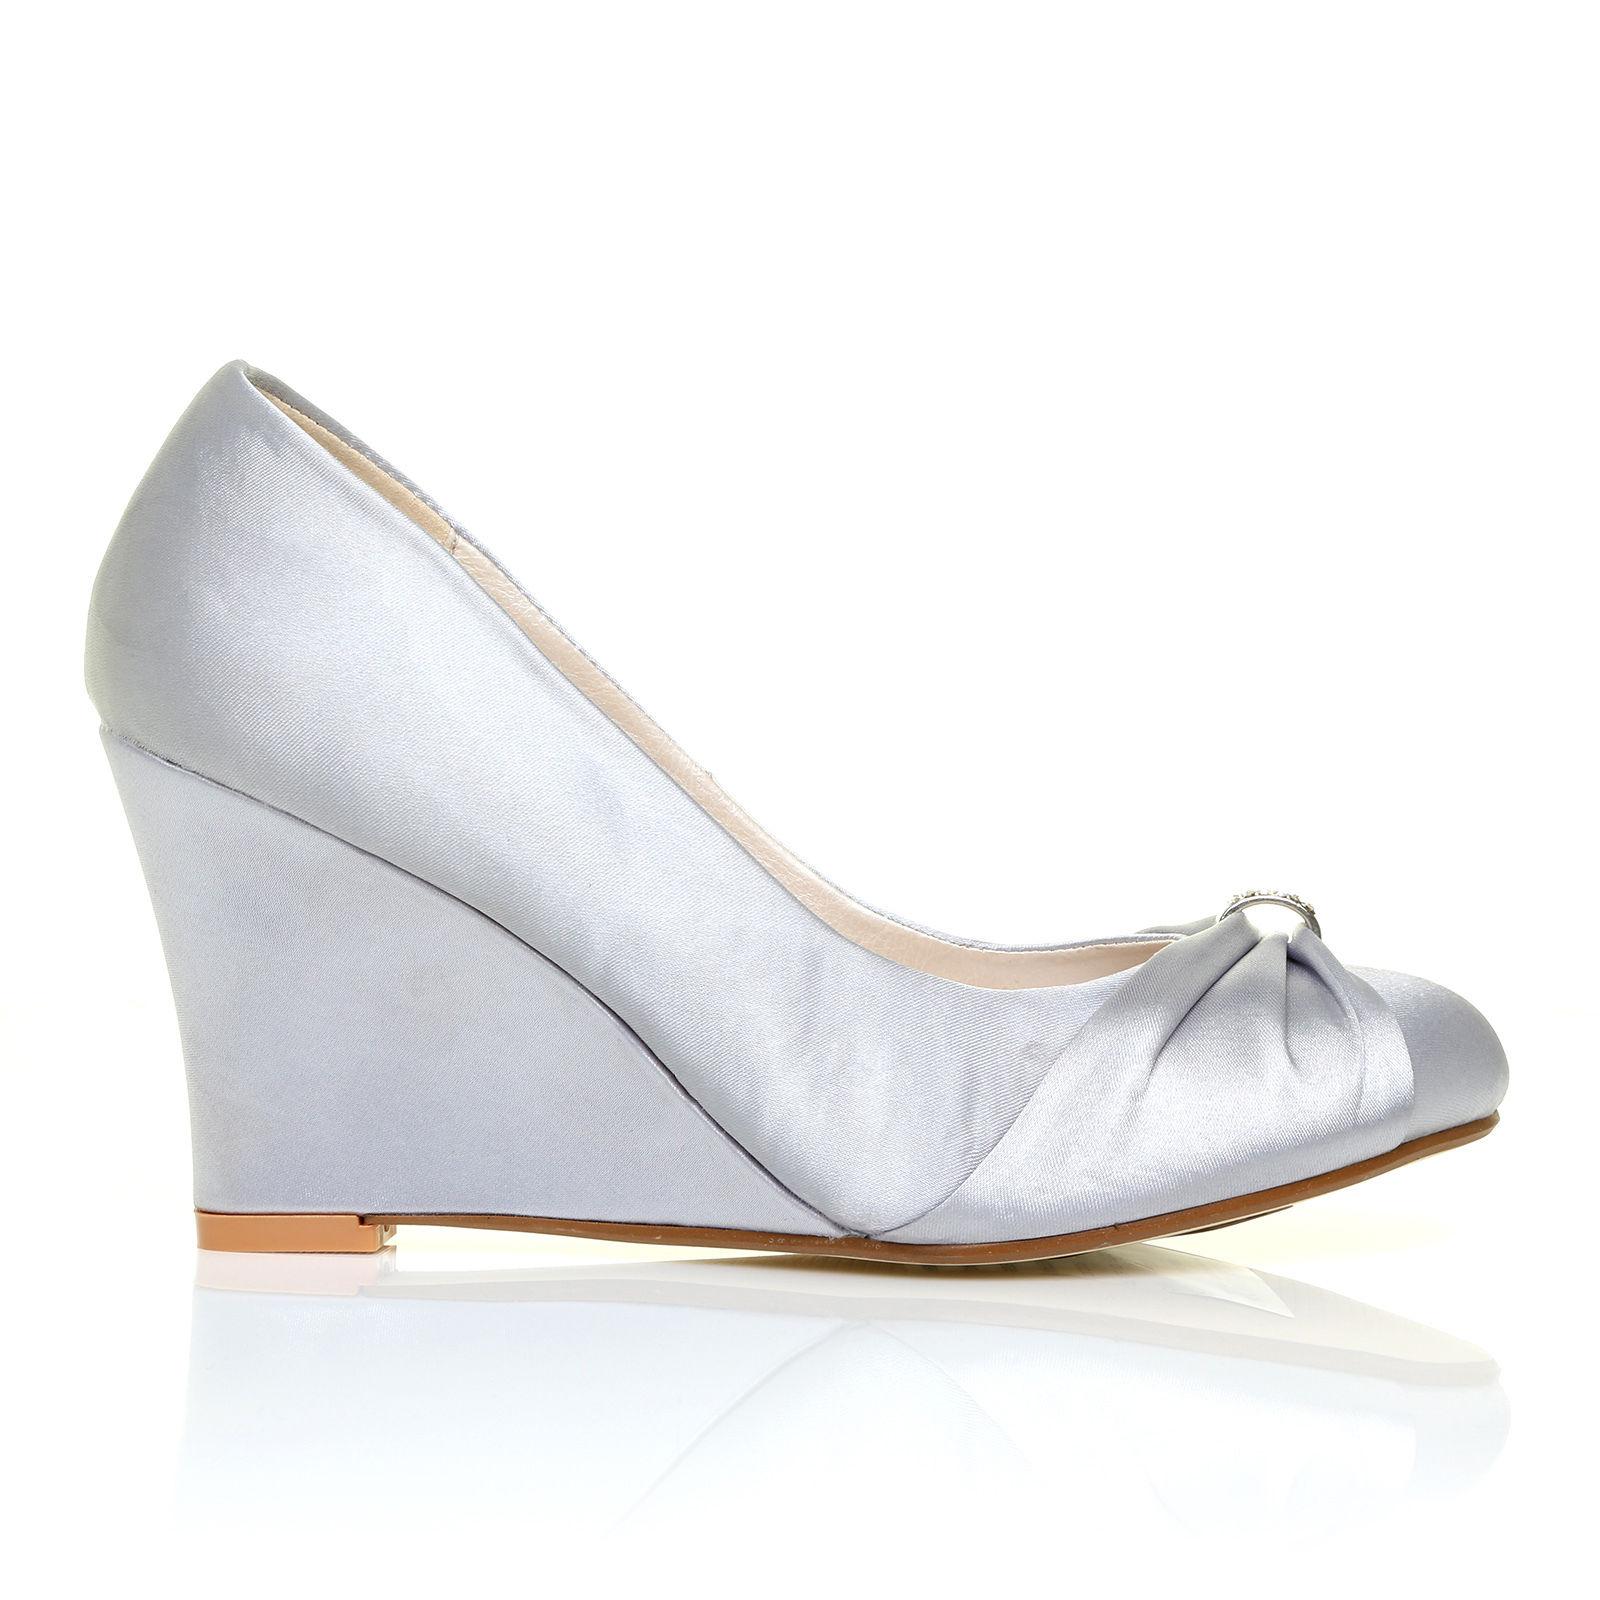 22c7c104bf3 Stříbrné společenské boty